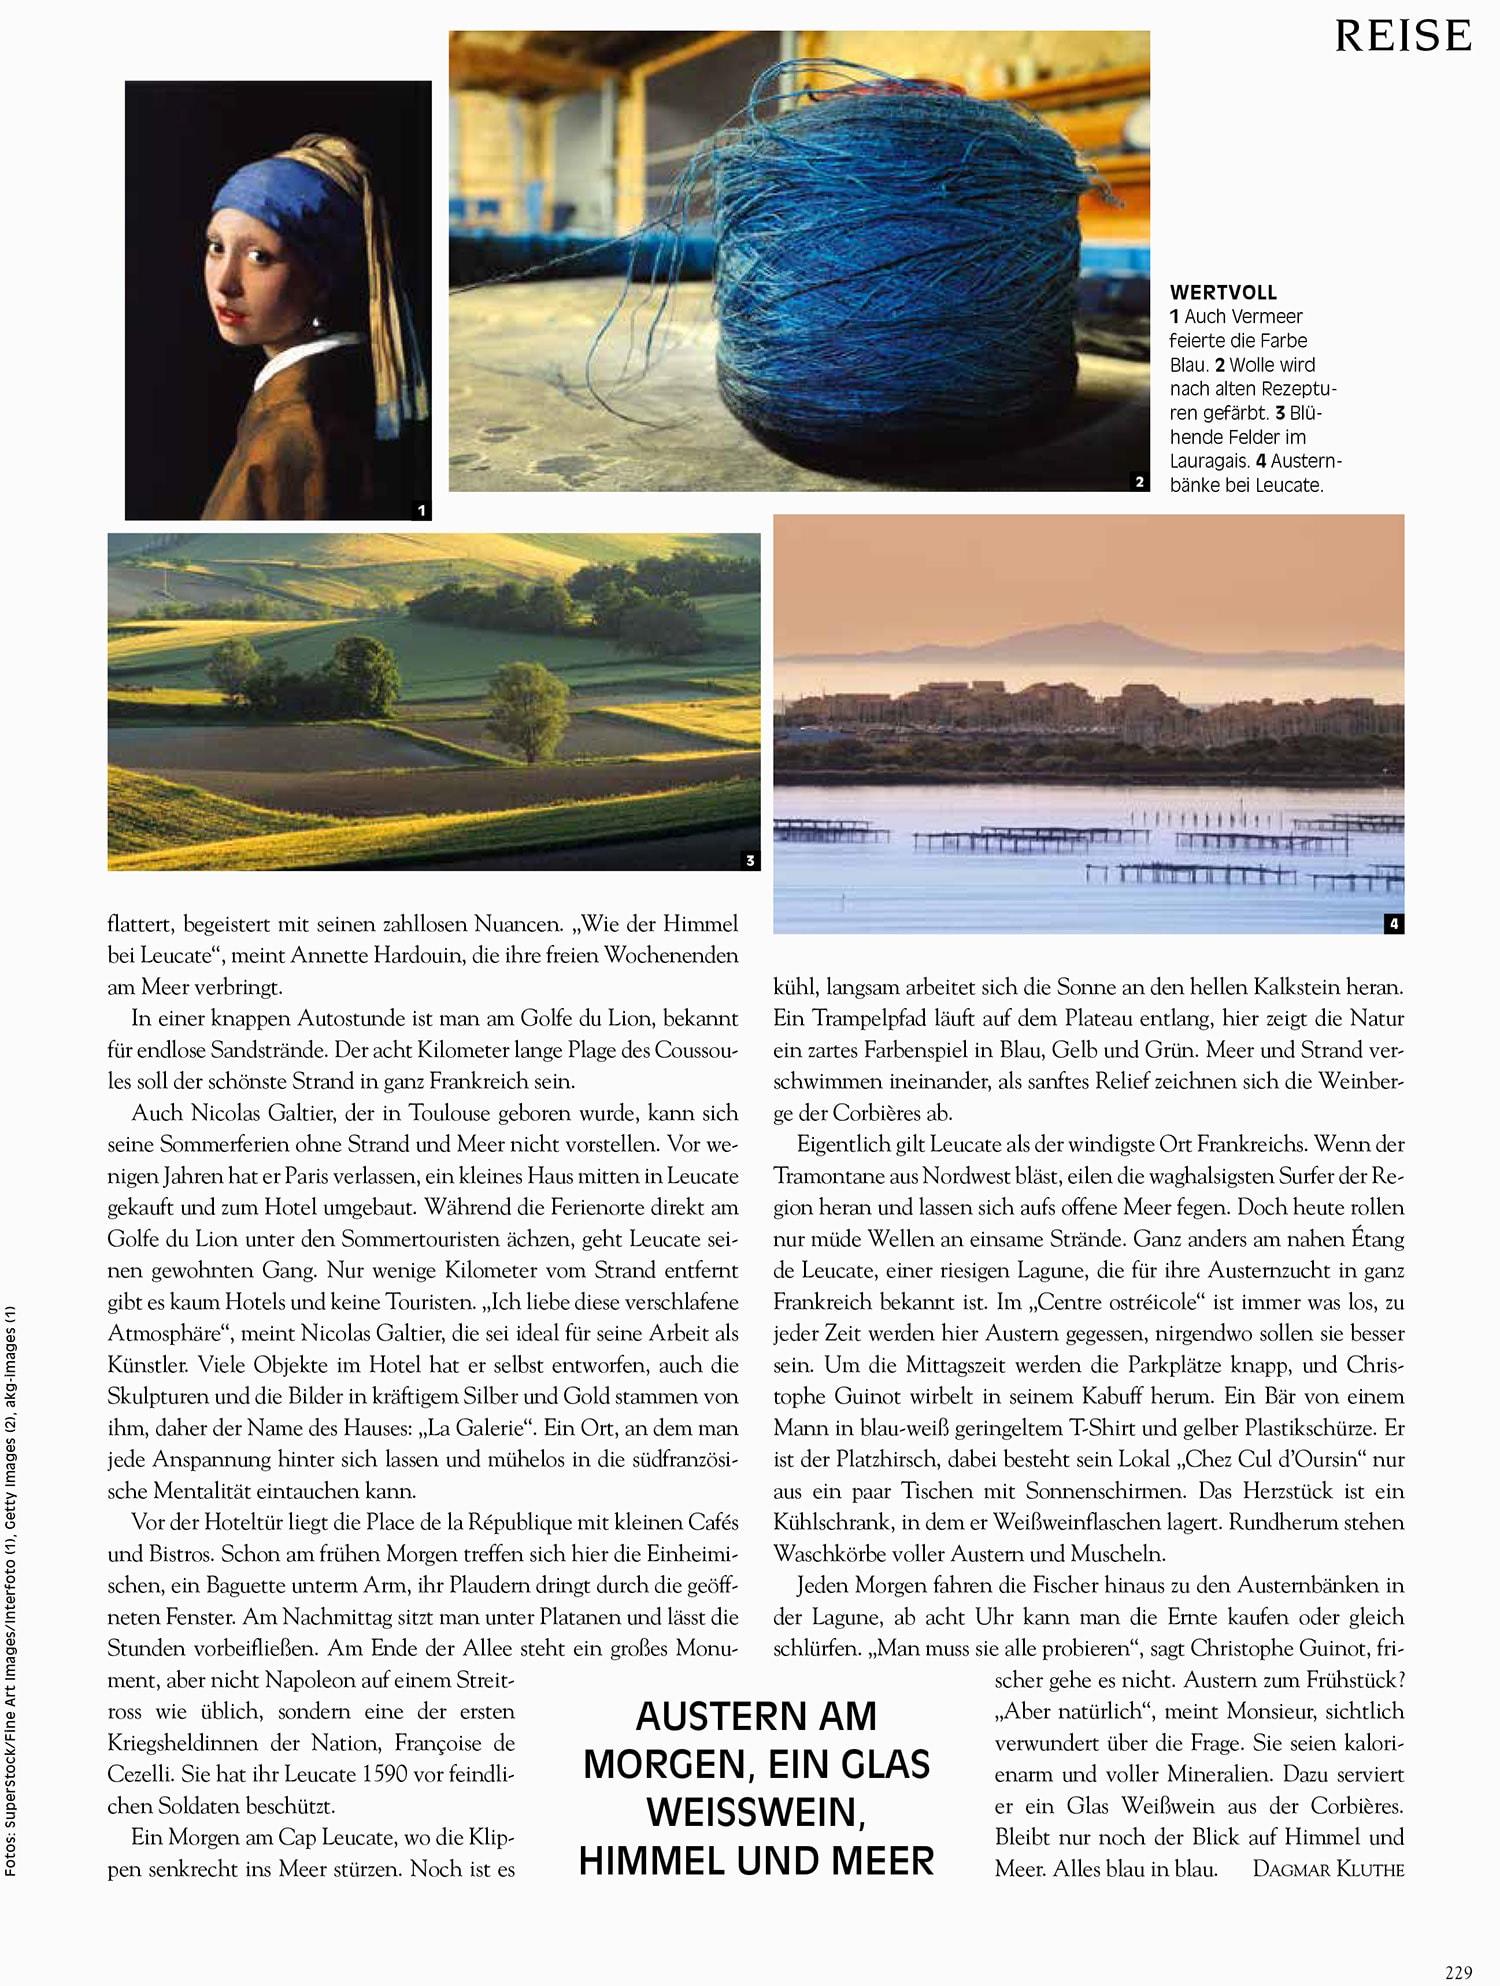 Vogue Artikel Toulouse 4